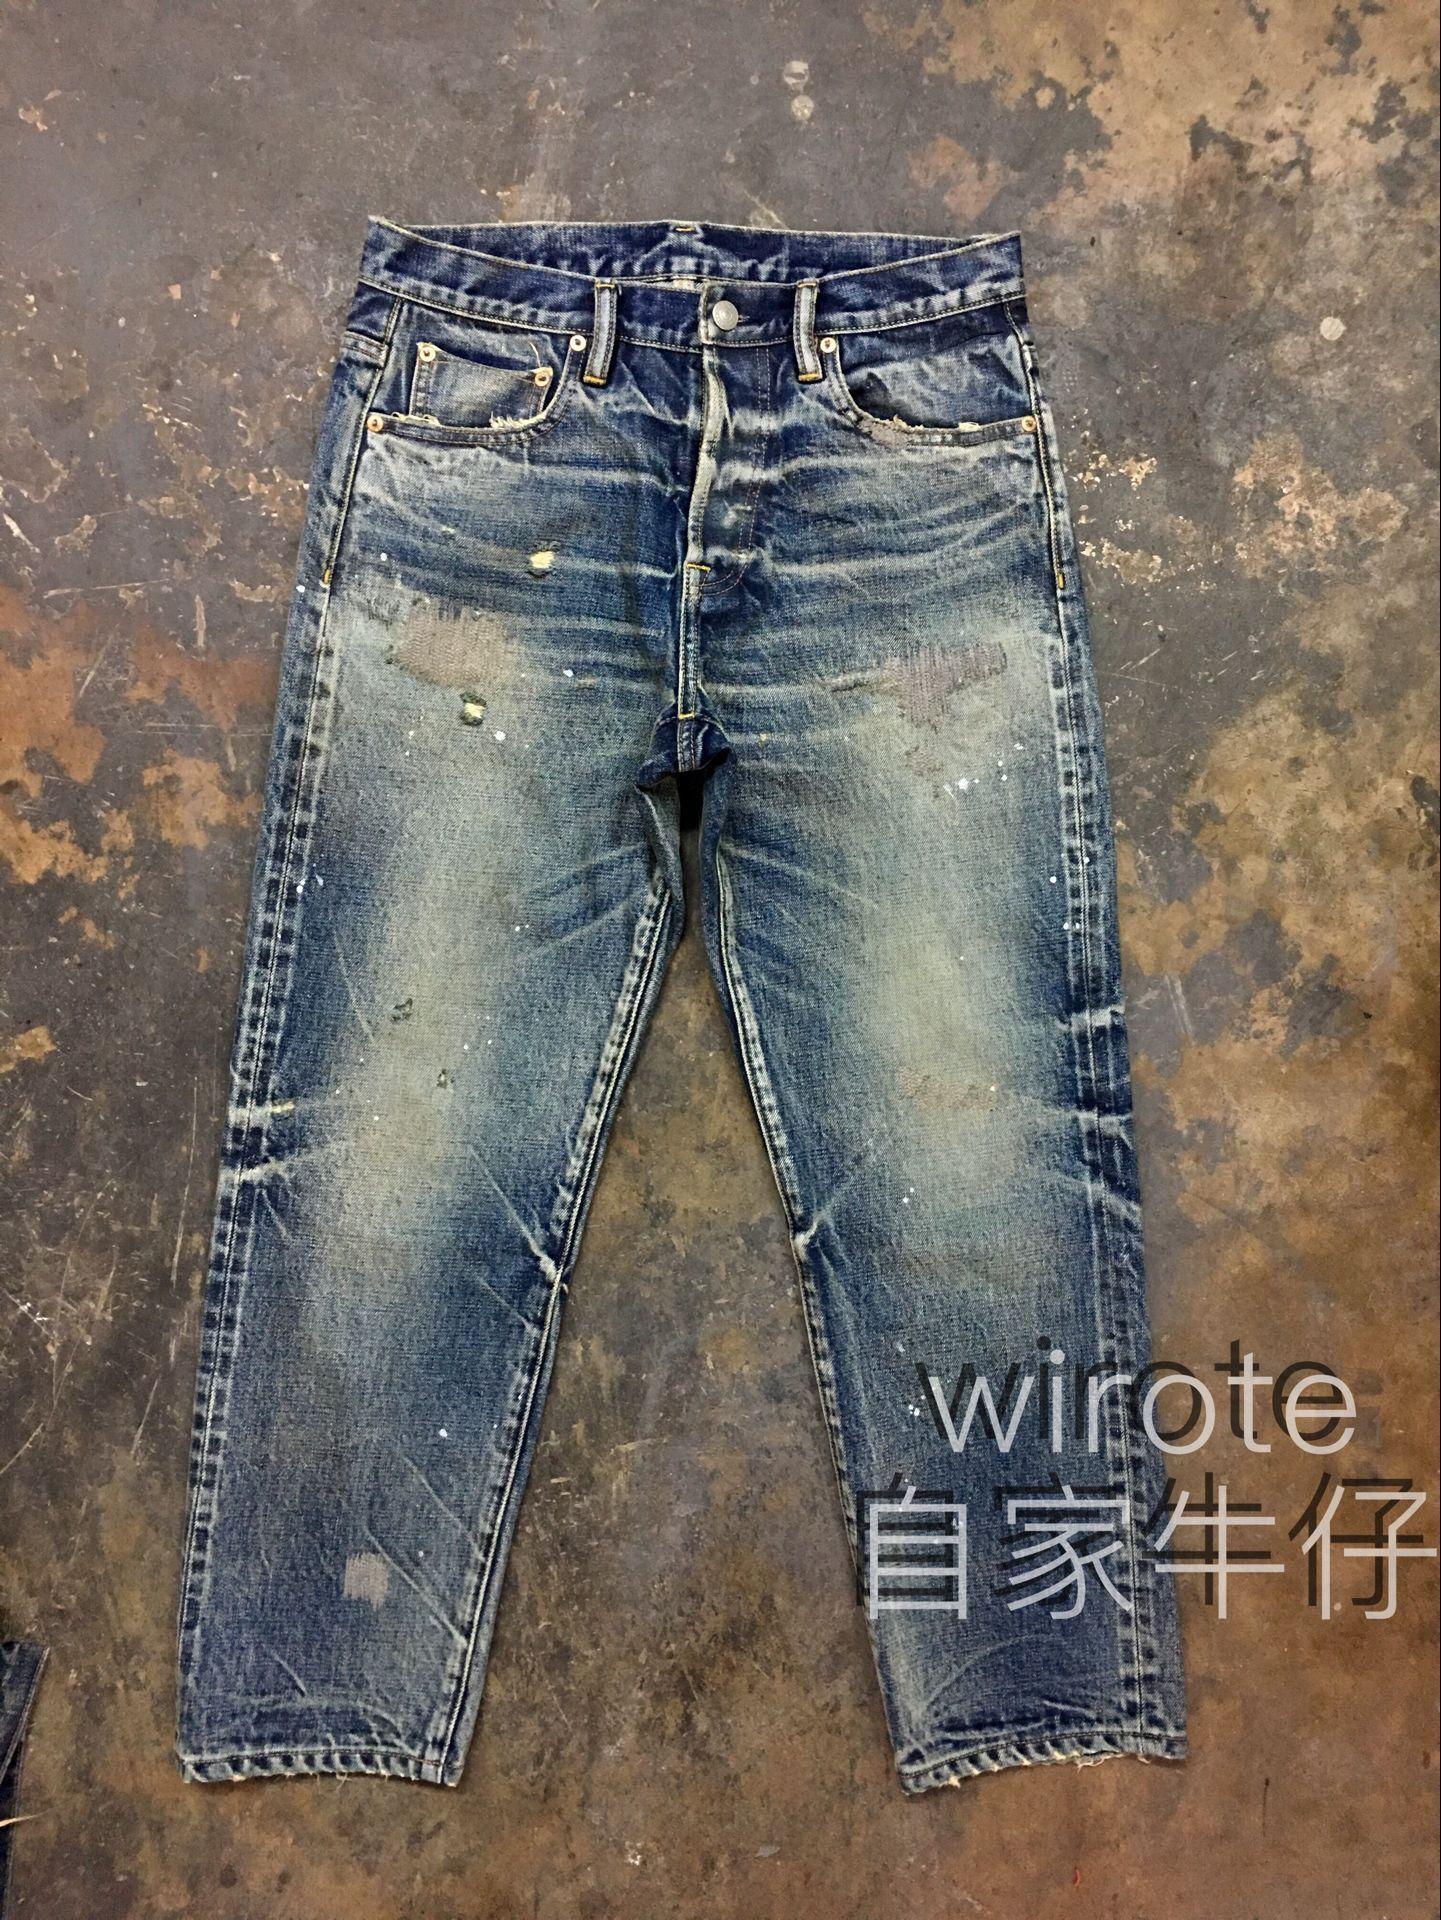 WIROTE/威洛 自家牛仔九分赤耳牛仔裤 MADNESS 四周年  18ss